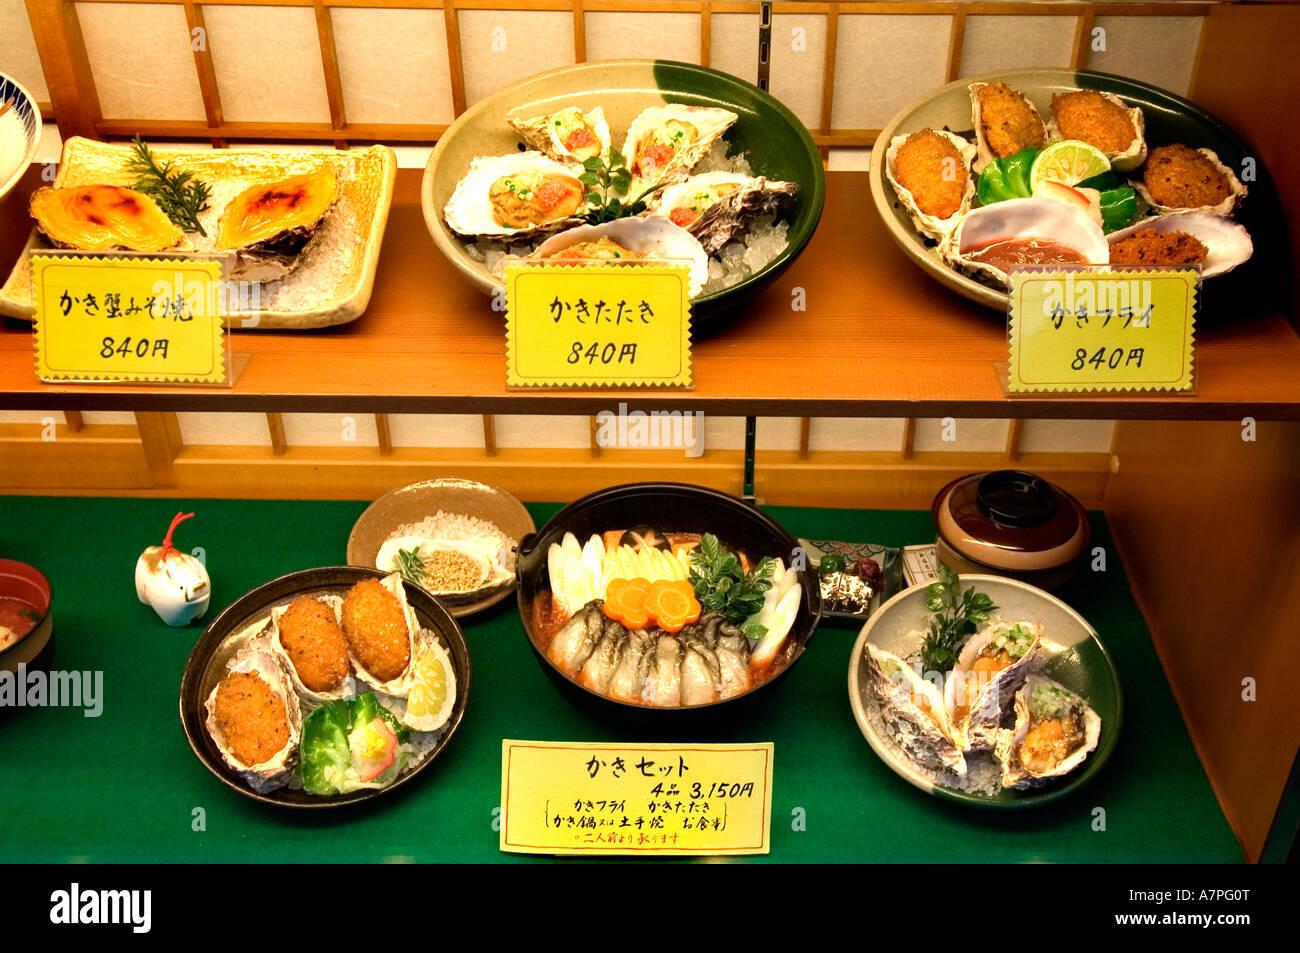 Fenster Essen restaurant essen sushi fisch rohkost küche meeresfrüchte